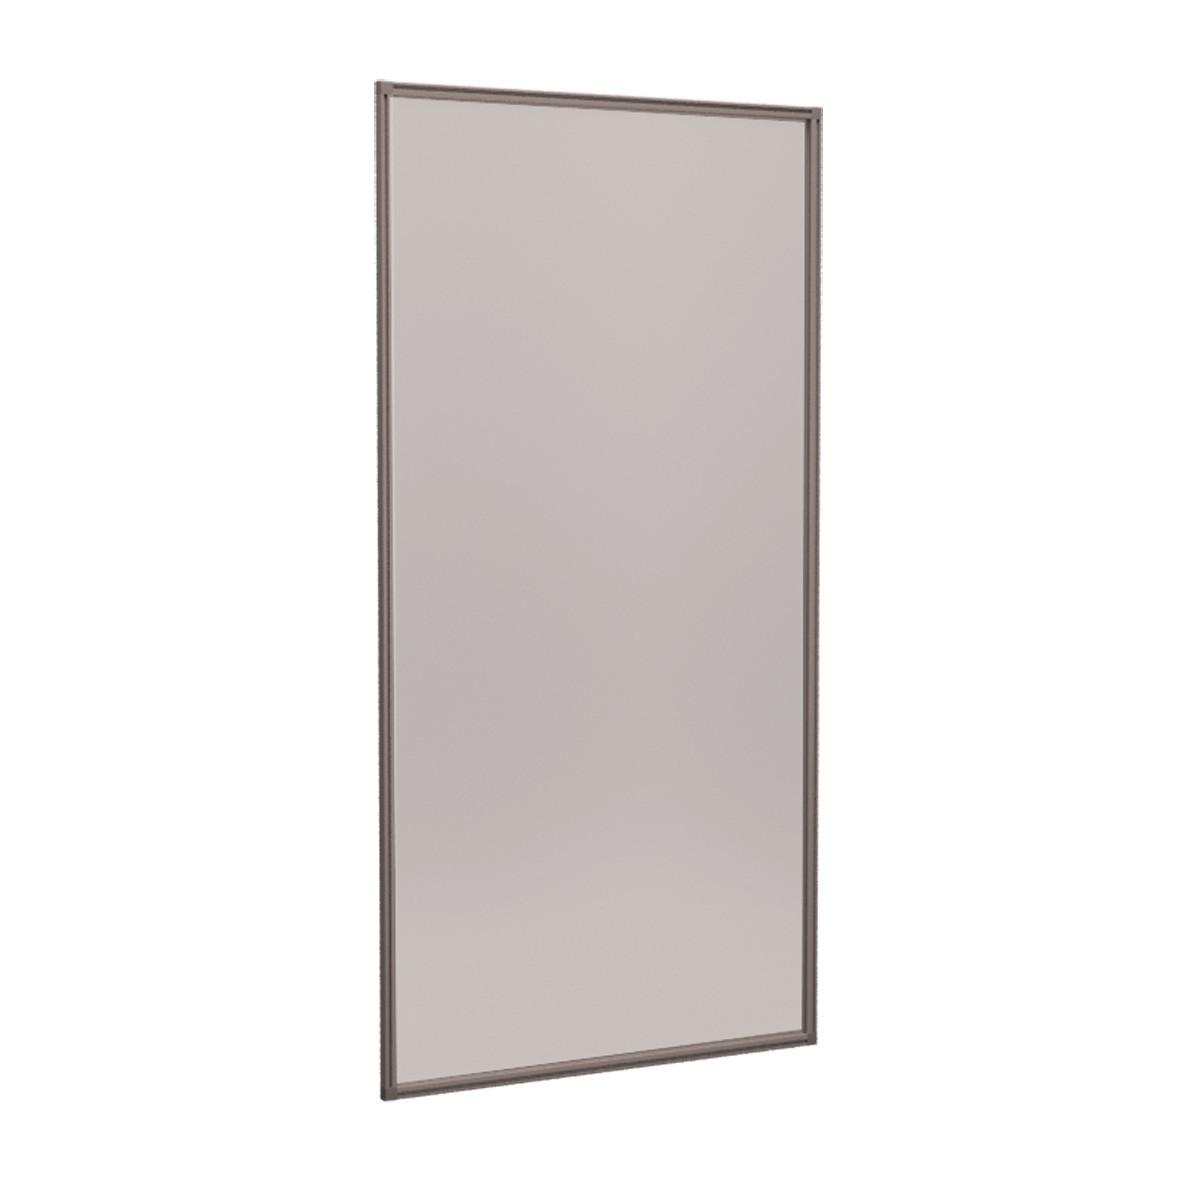 cloison translucide achat cloison avec cadre porteur 460 00. Black Bedroom Furniture Sets. Home Design Ideas